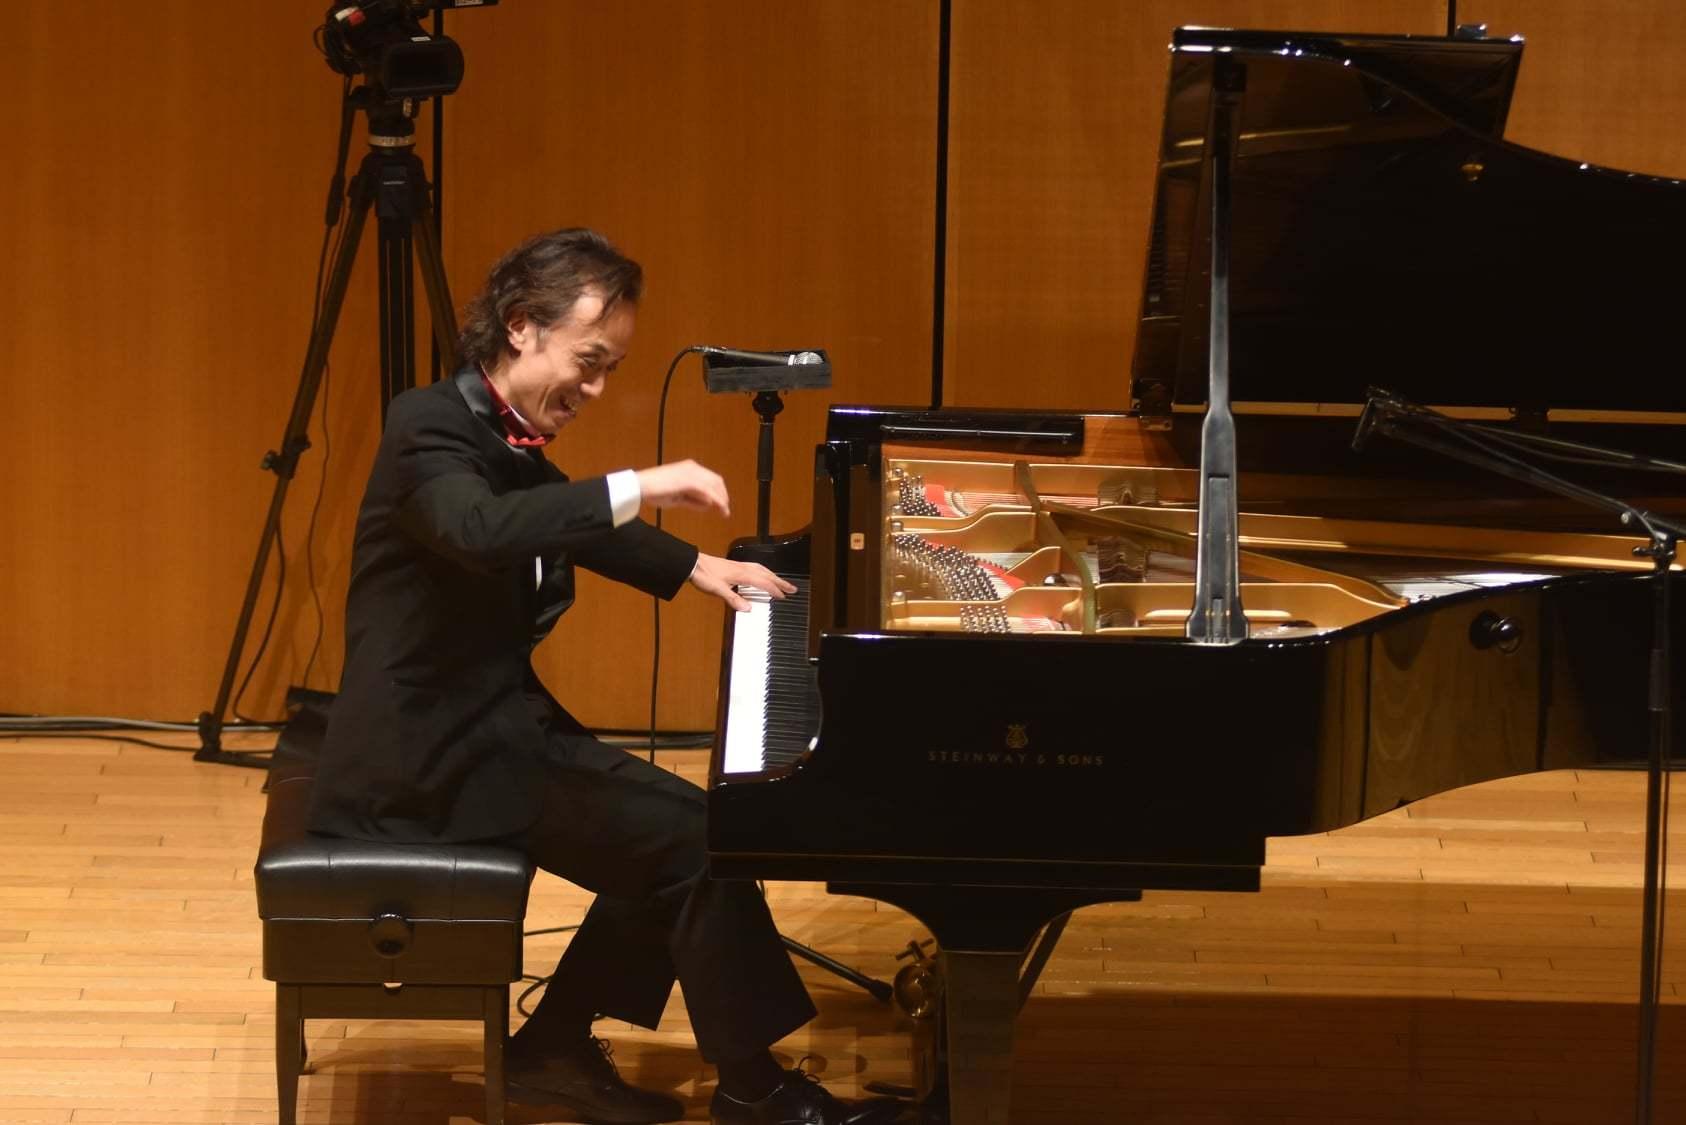 ありがとうございました!2021.02.27(土)板垣光弘ソロピアノコンサート『マイ・ラウンジ・ミュージック 2021 春』武蔵野スイングホール_d0003502_23533083.jpg